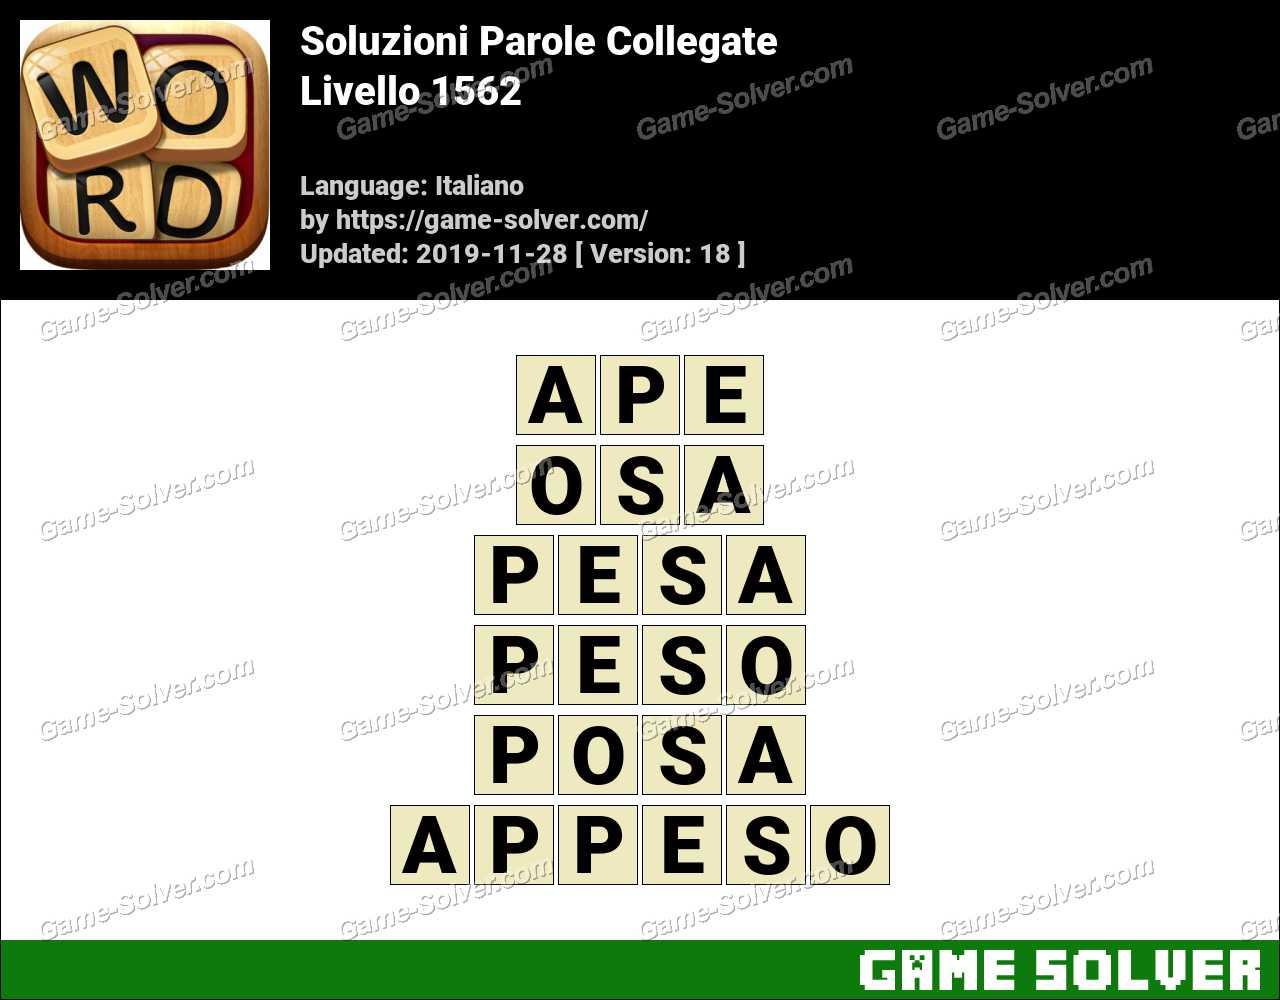 Soluzioni Parole Collegate Livello 1562